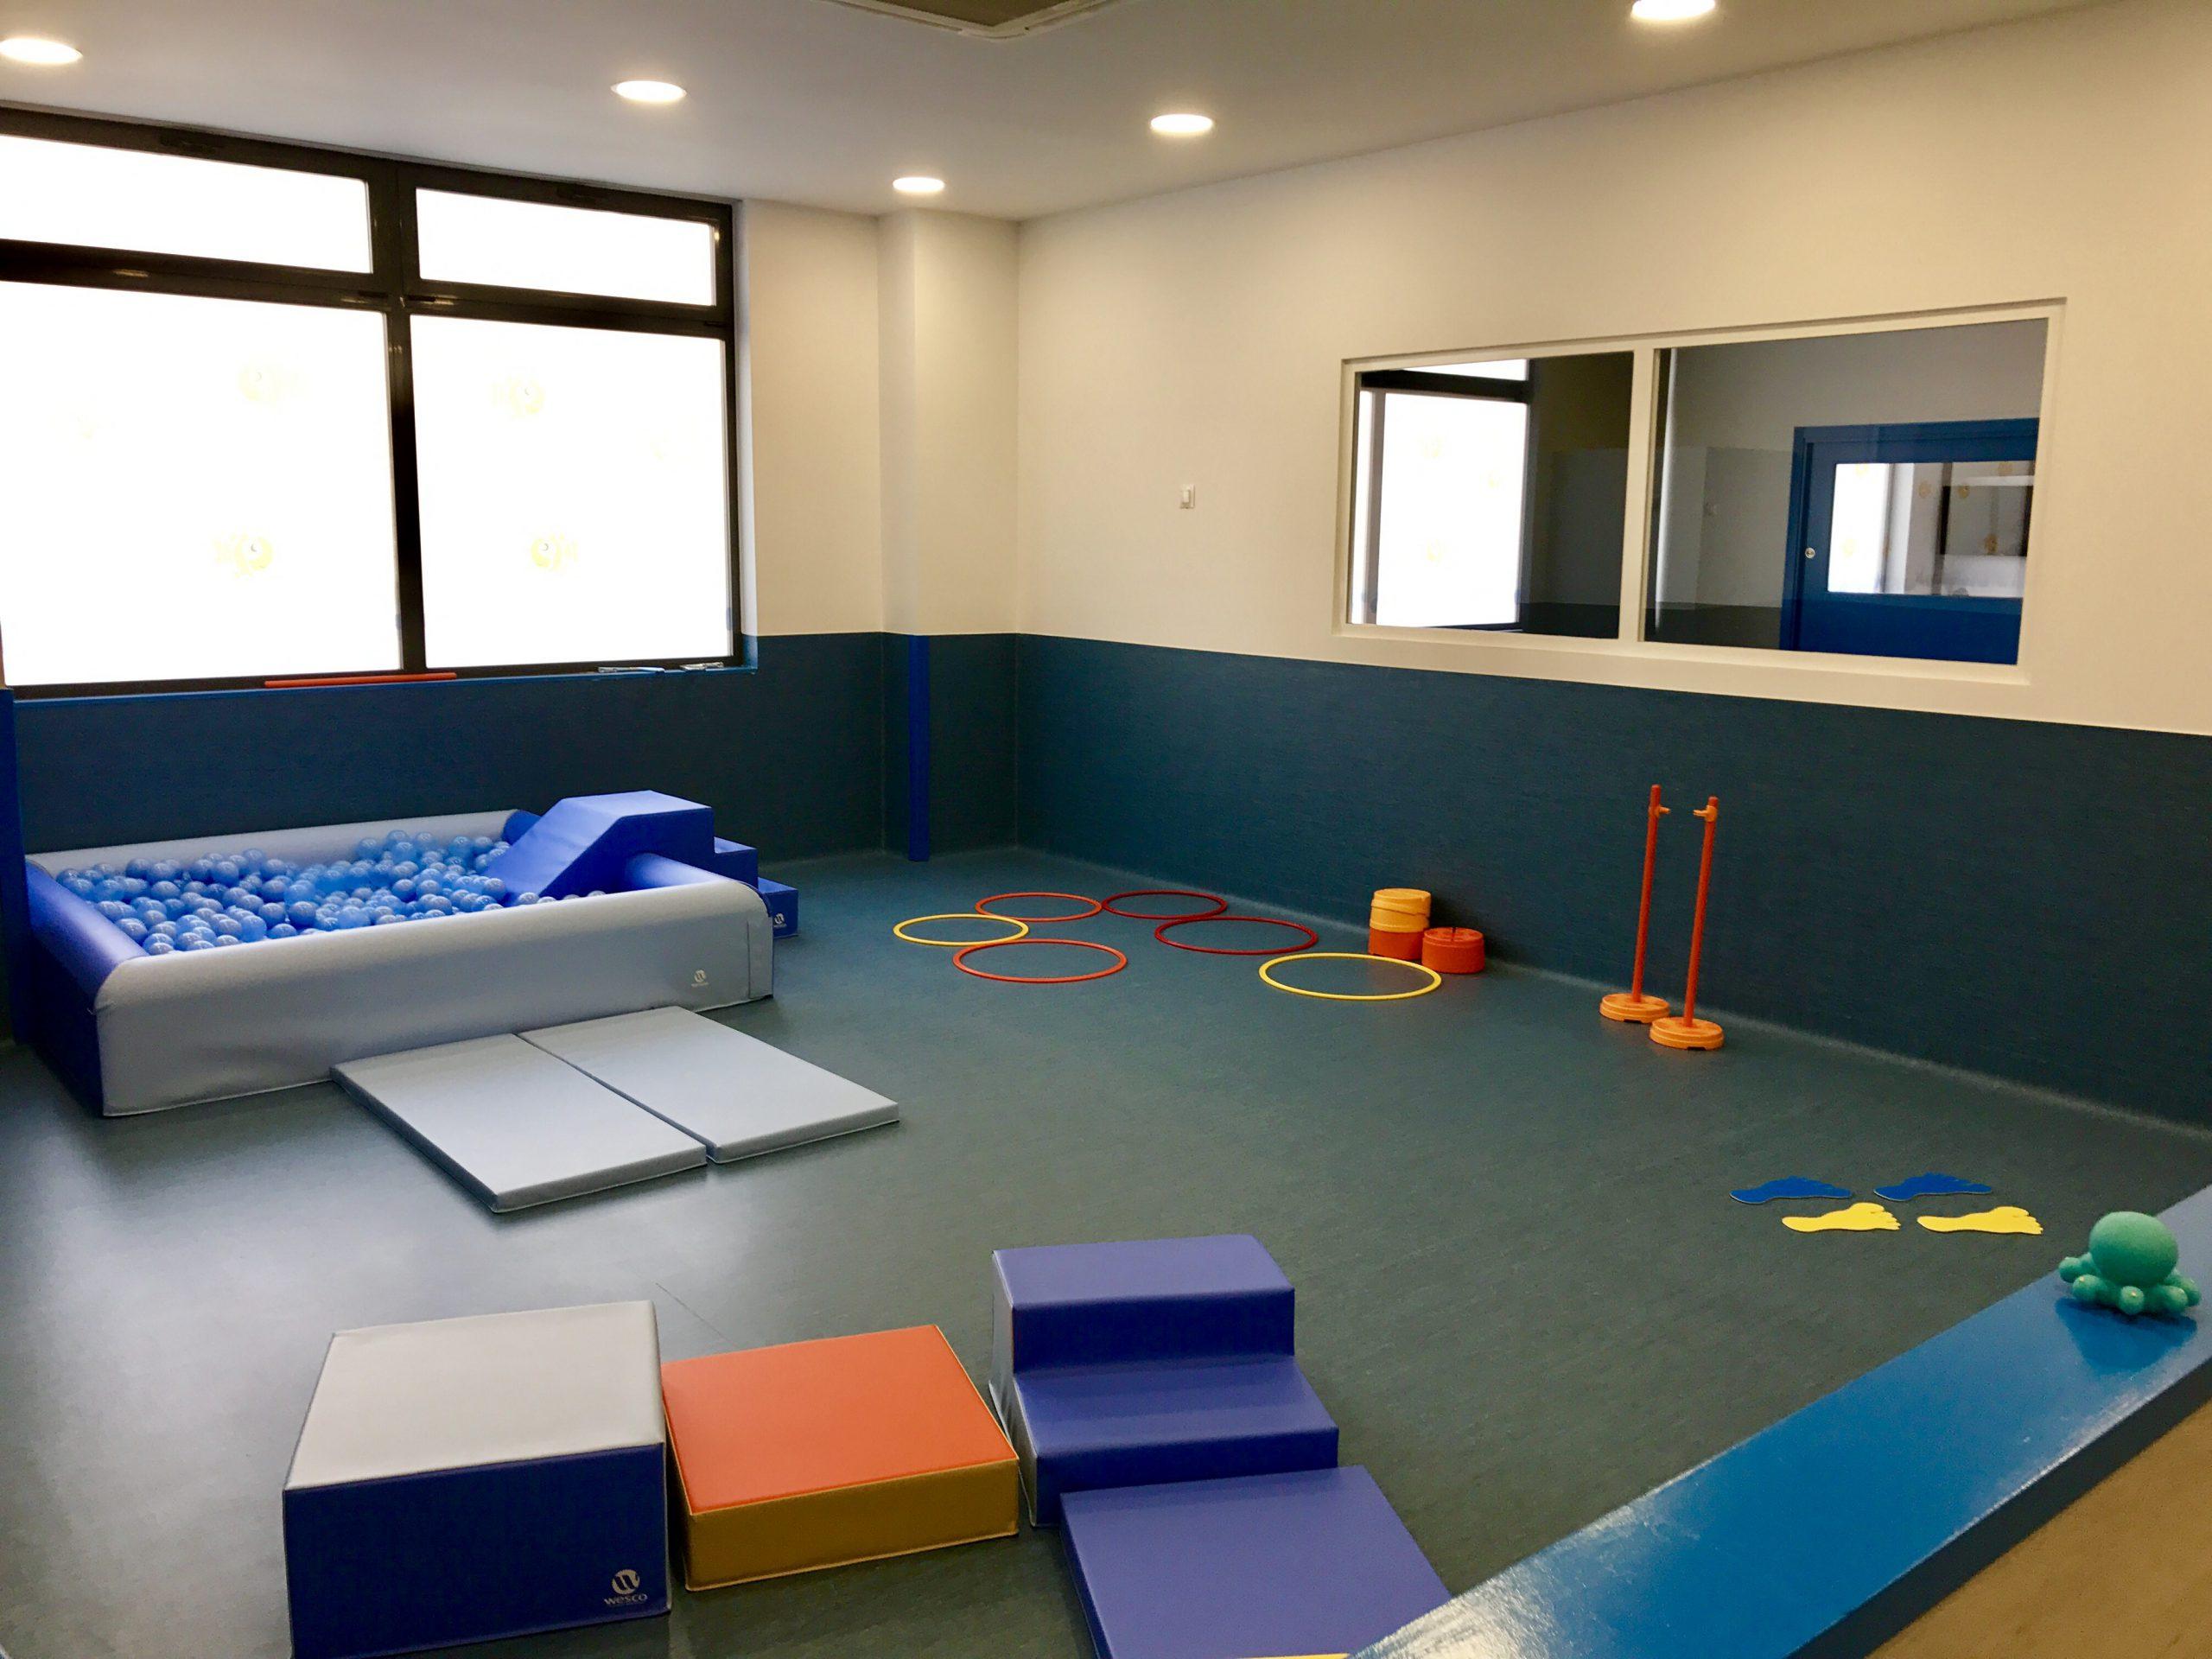 Aula psicomotricidad Guarderia Nemomarlin Alcobendas